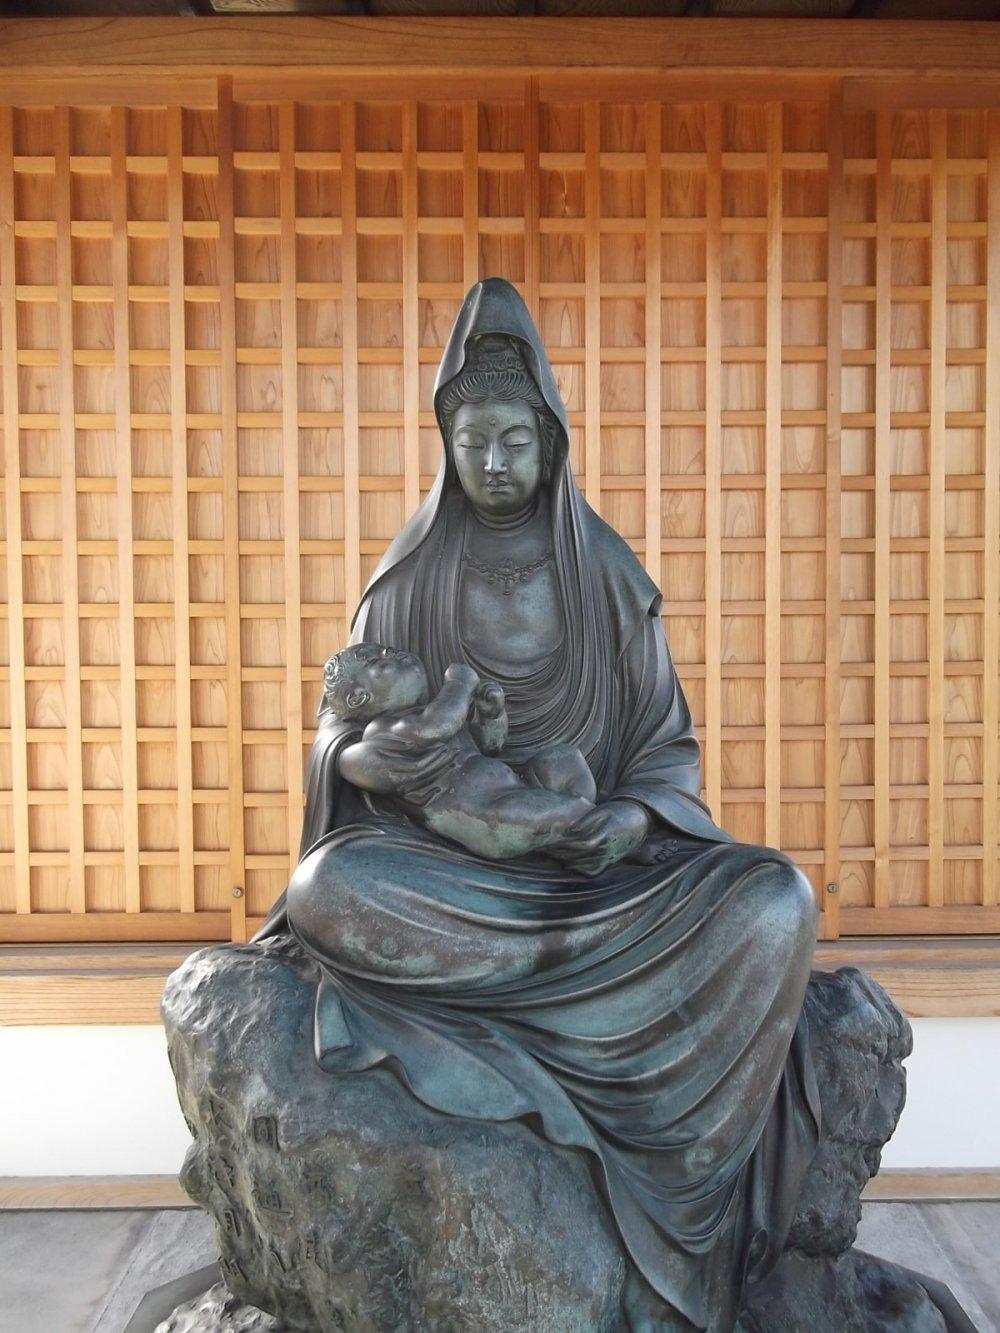 A Buddhist statue near the gate